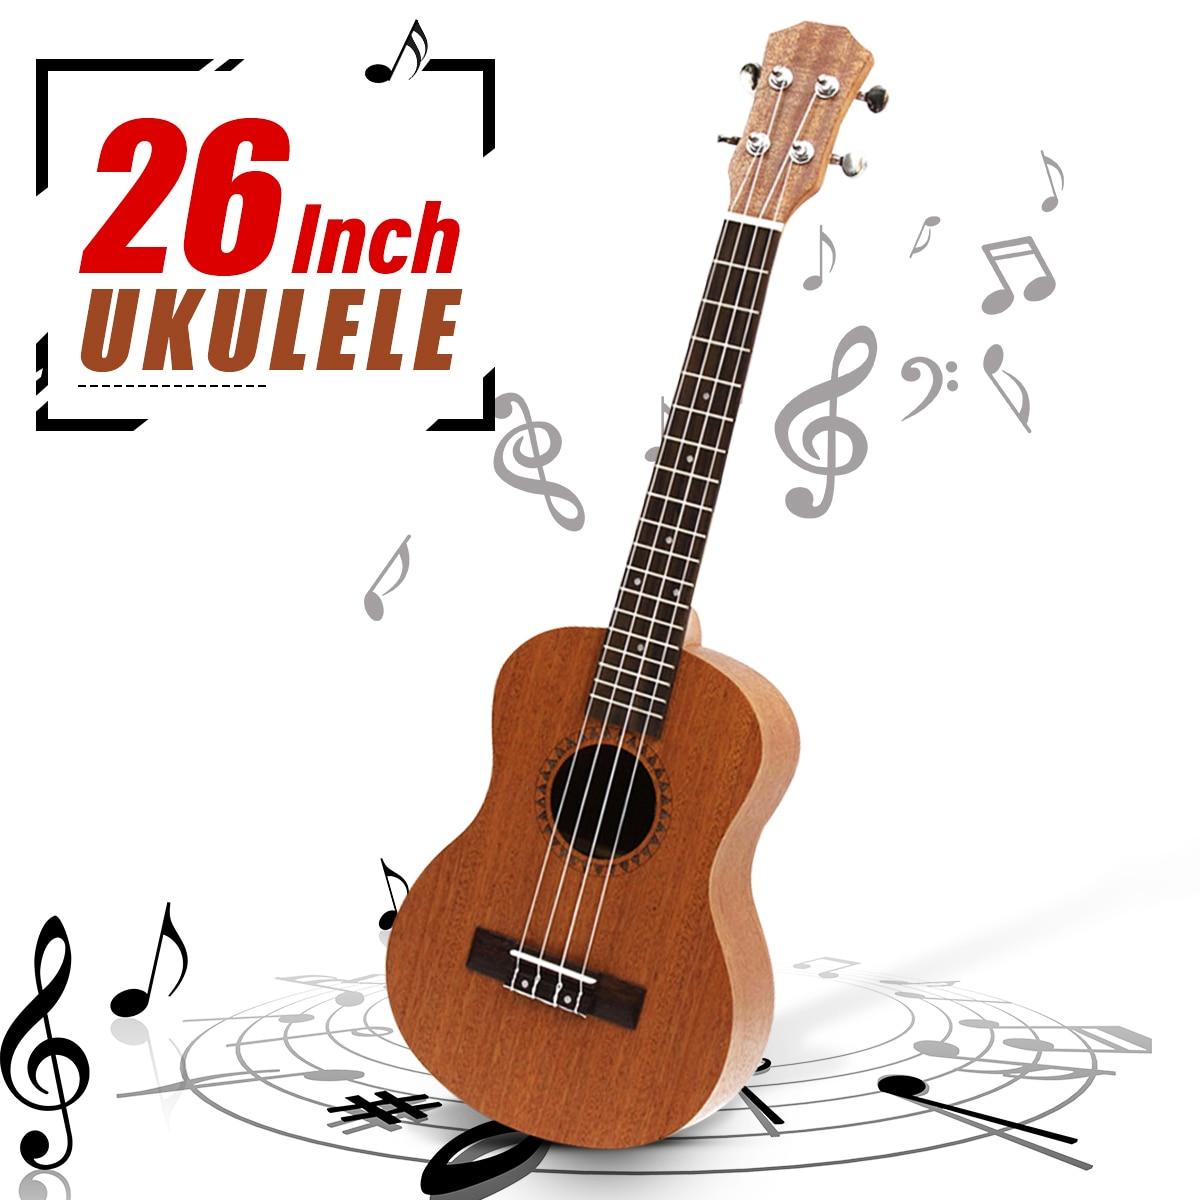 Professional 26 Inch Ukulele Uke Hawaii Acoustic Guitar Sapele 18 Fret Wood Ukulele Musical Instruments For Great GiftProfessional 26 Inch Ukulele Uke Hawaii Acoustic Guitar Sapele 18 Fret Wood Ukulele Musical Instruments For Great Gift